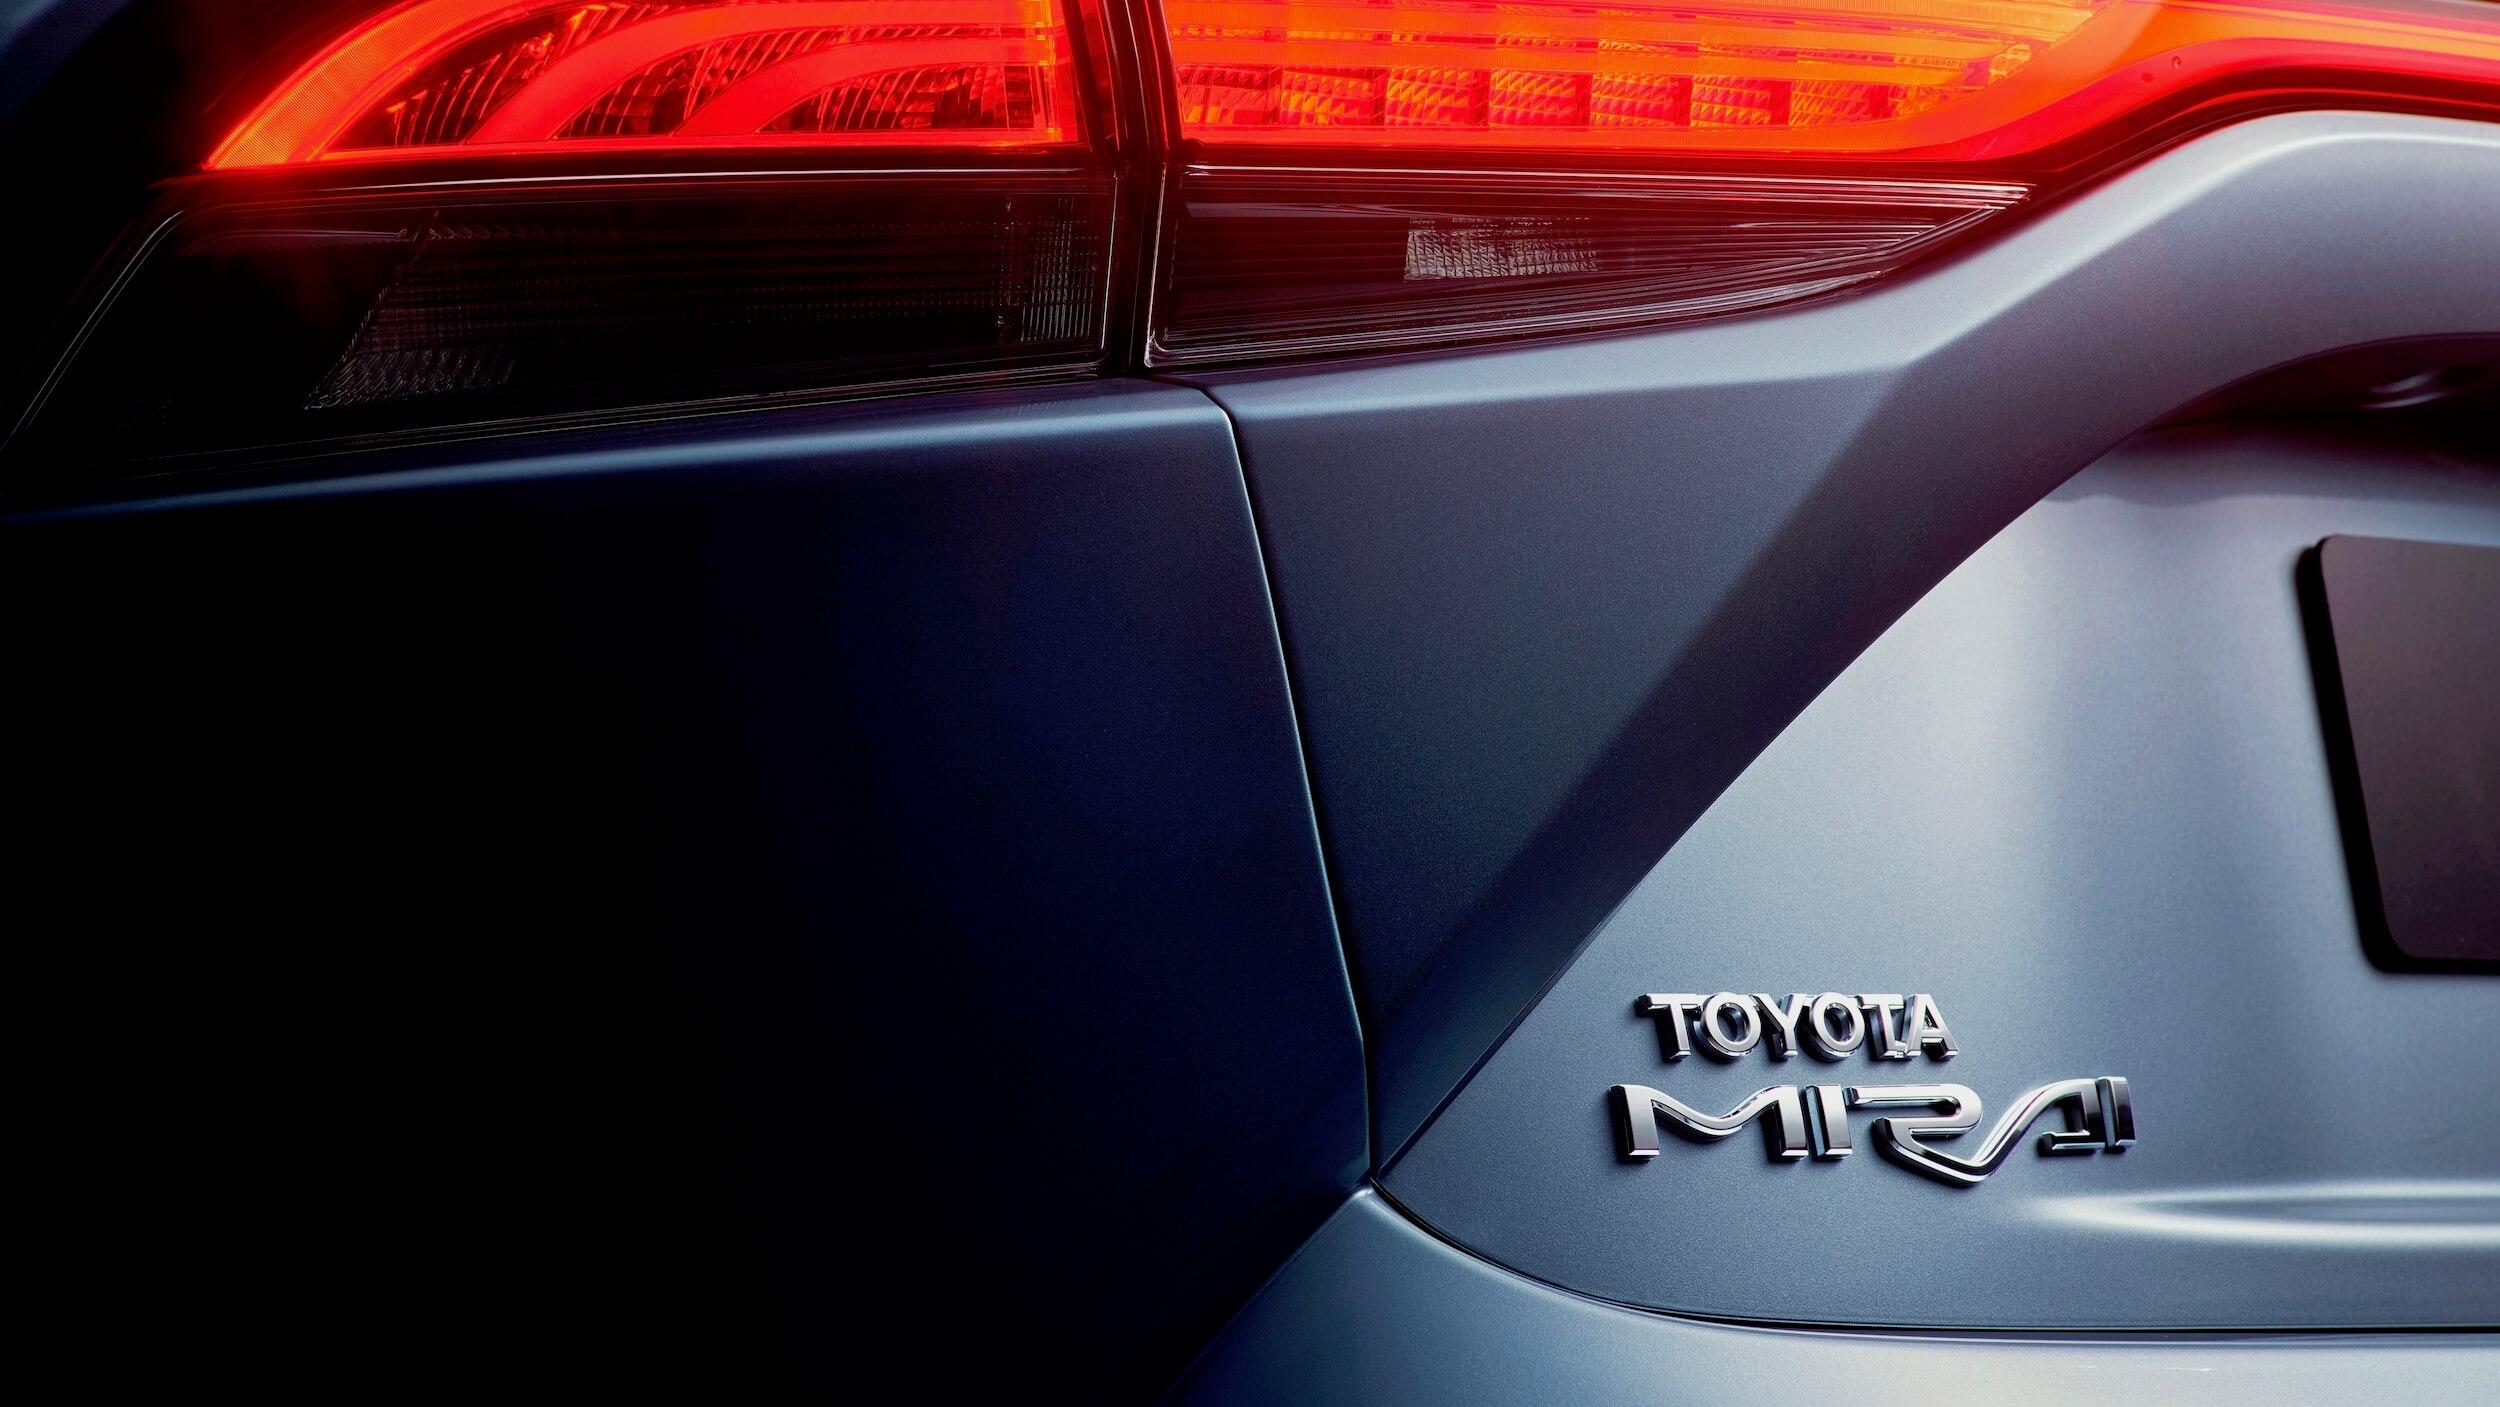 Toyota Mirai badge